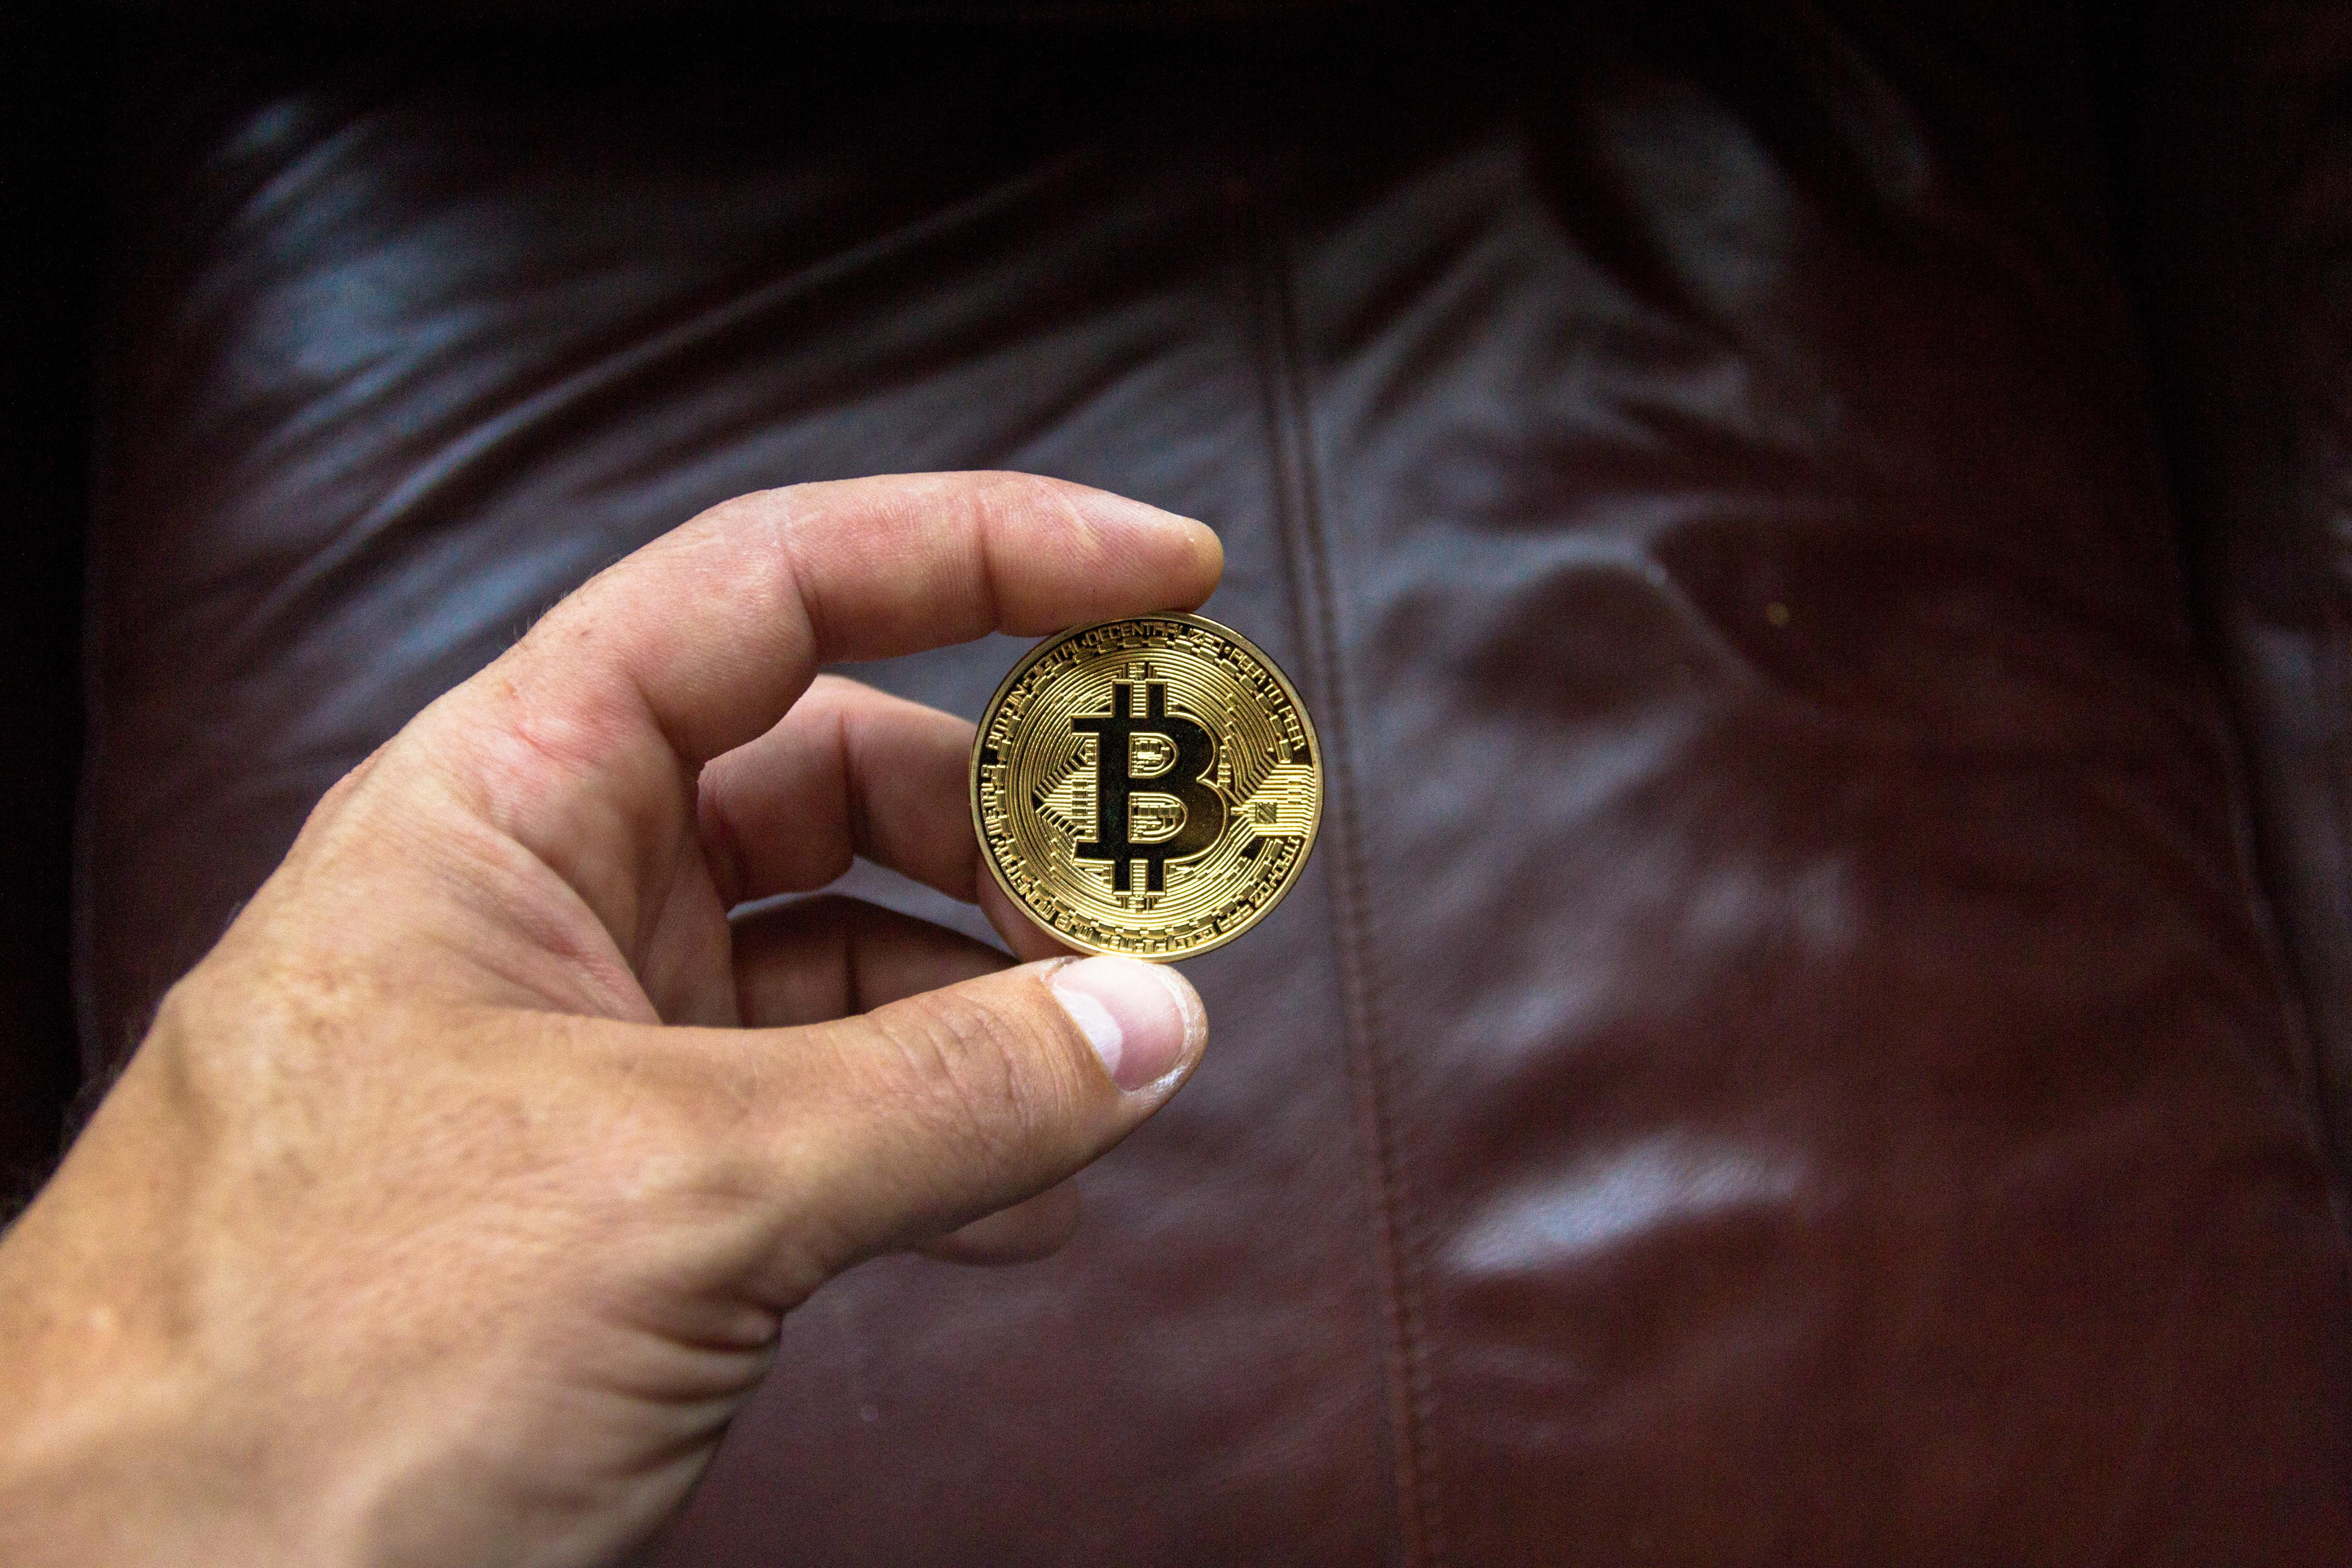 bitcoin-blockchain-close-up-844125